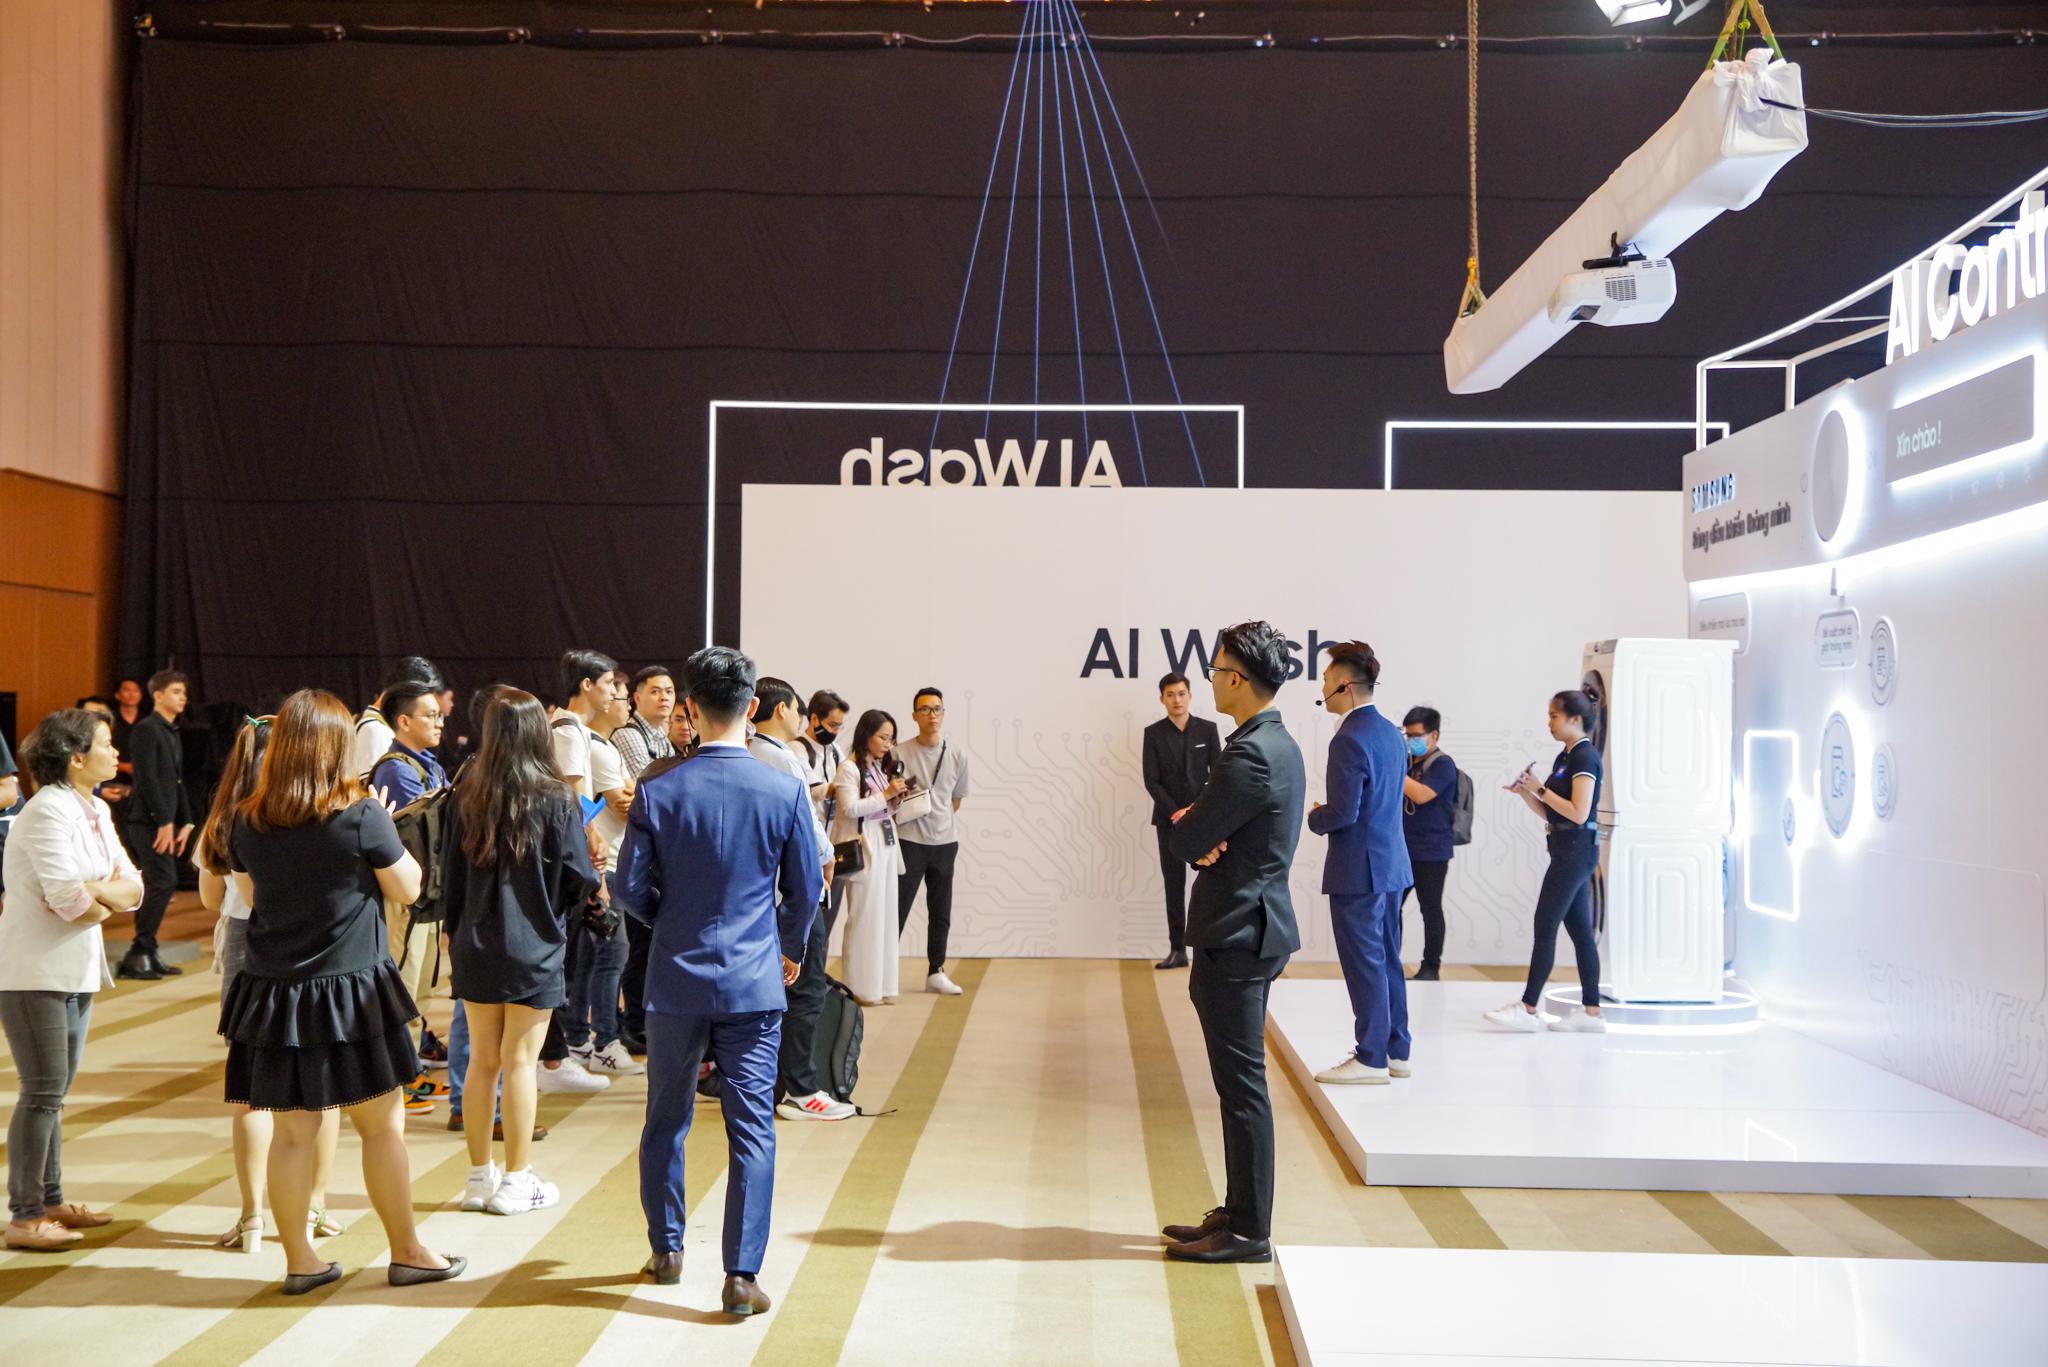 Tổ chức sự kiện hoành tráng dành riêng cho đồ gia dụng, Samsung muốn chứng tỏ điều gì? - Ảnh 1.